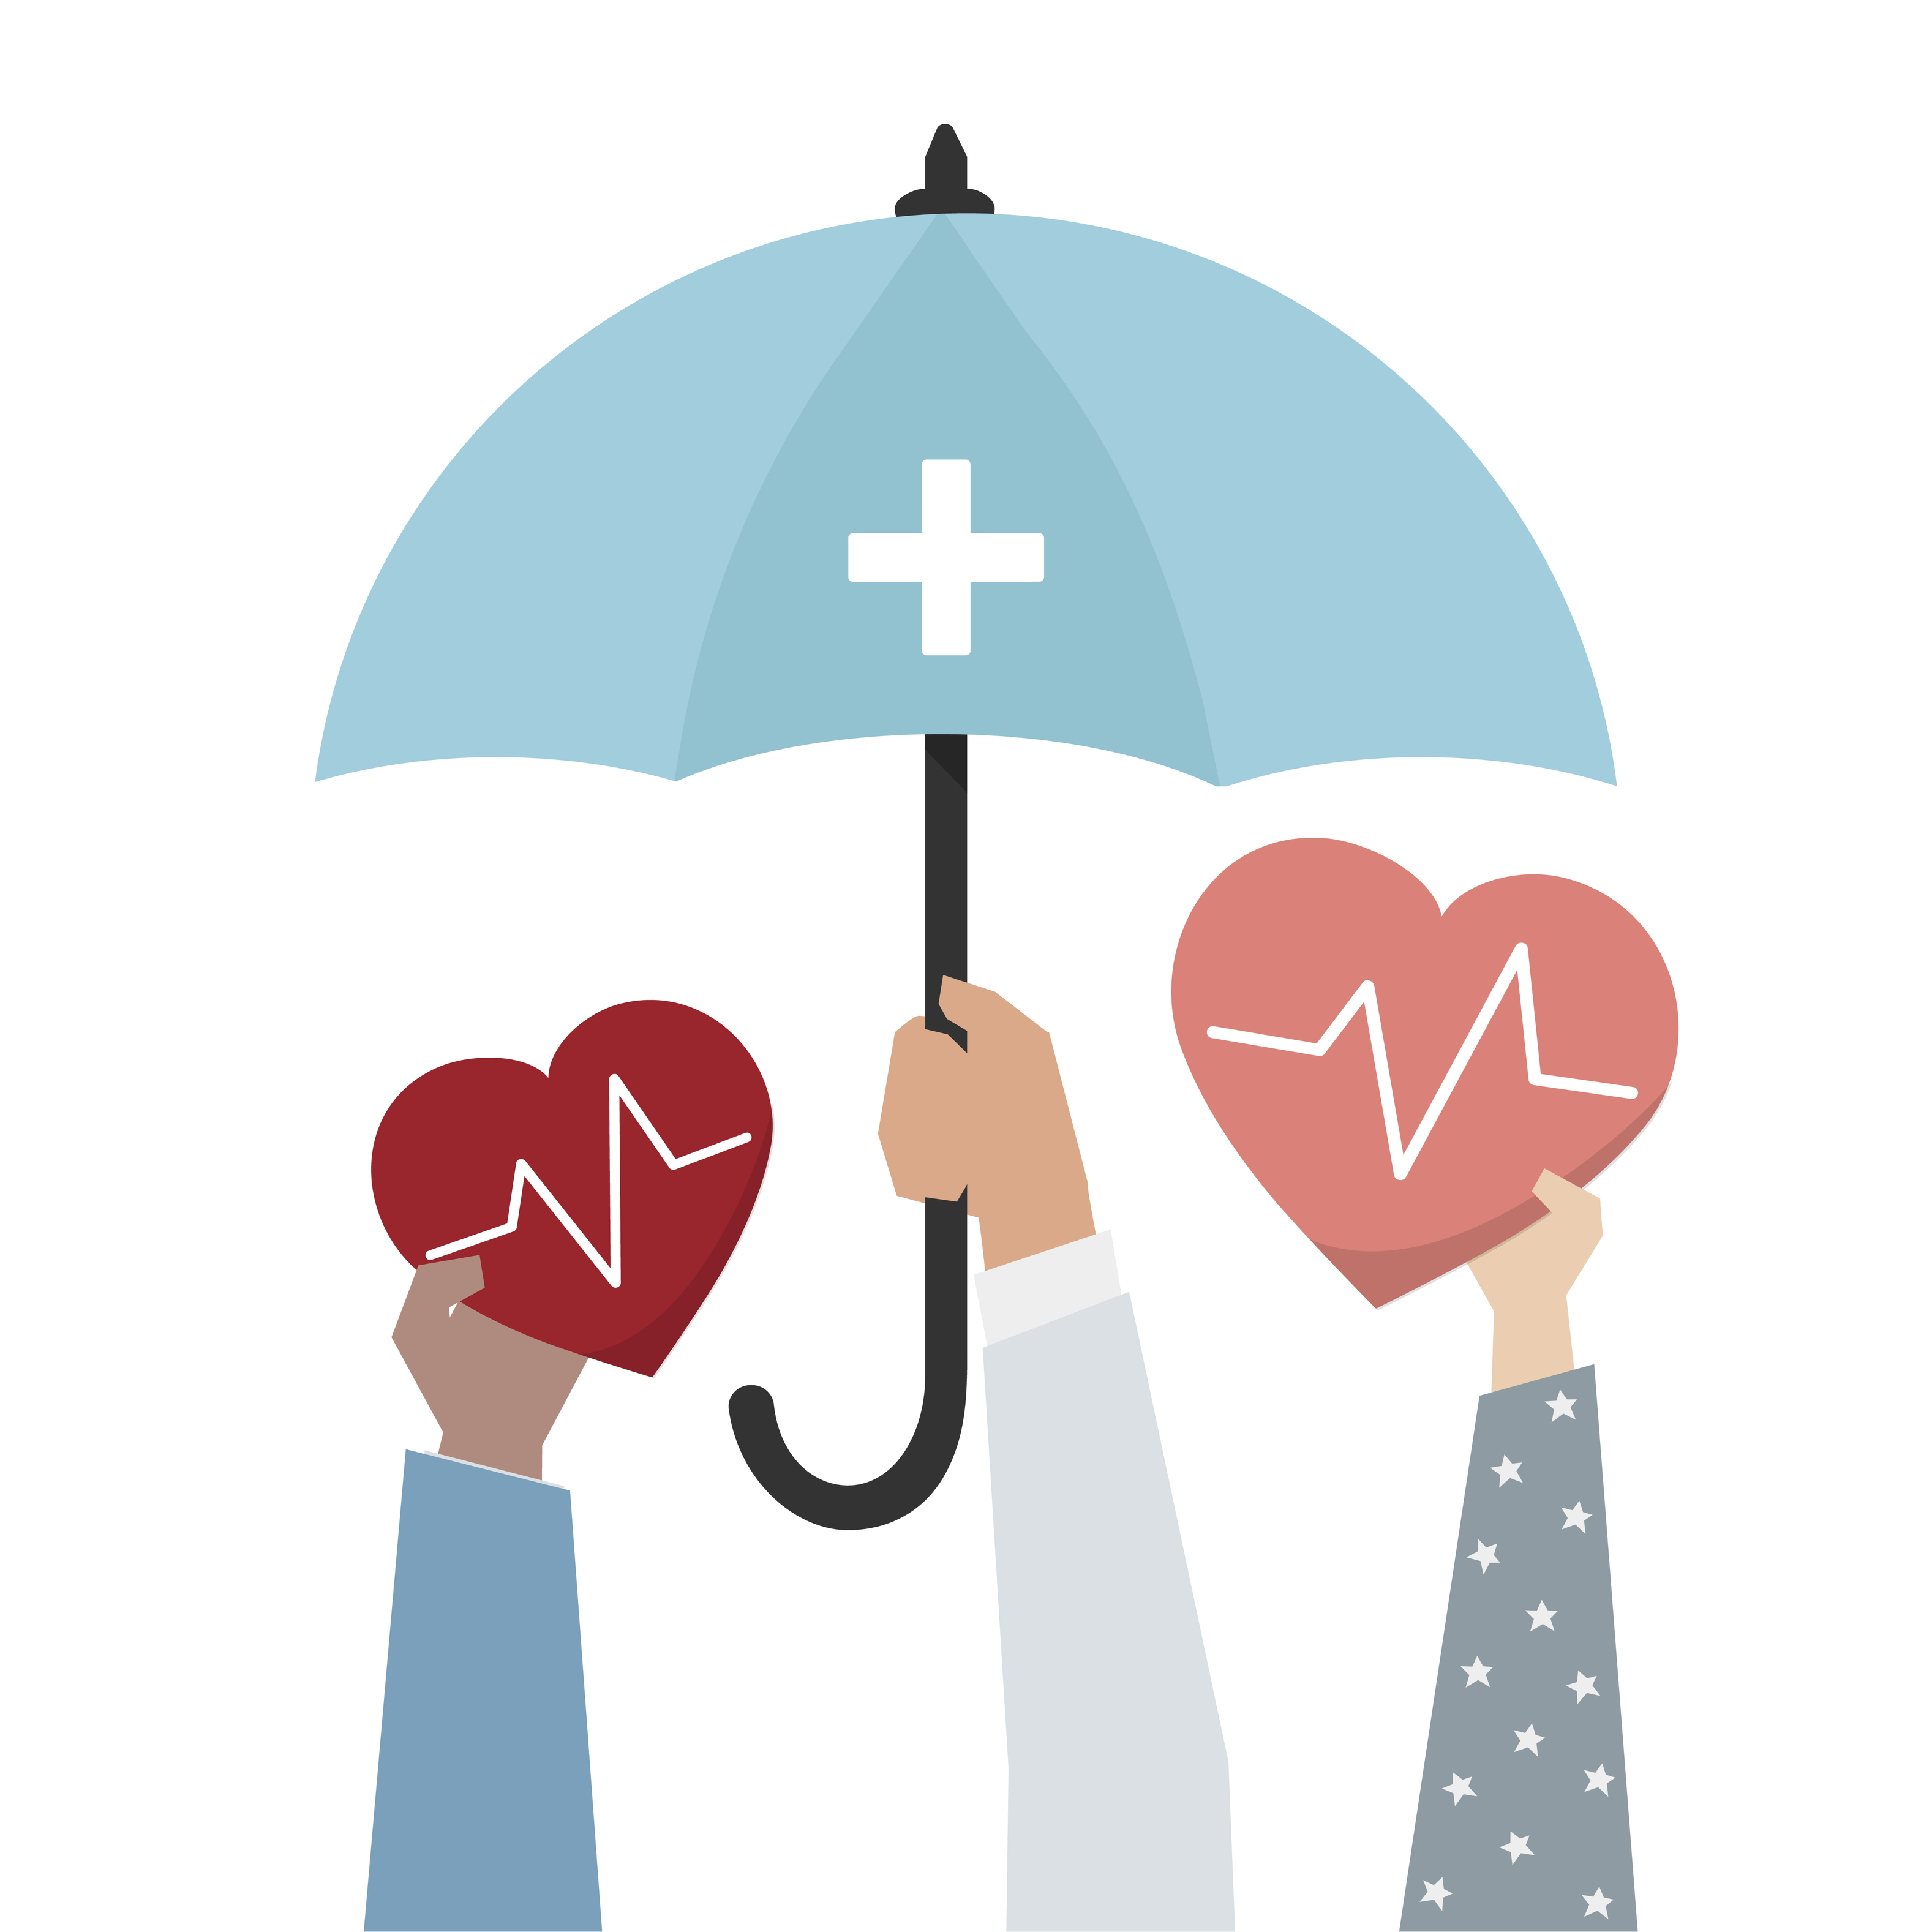 illustration of hearts under an umbrella